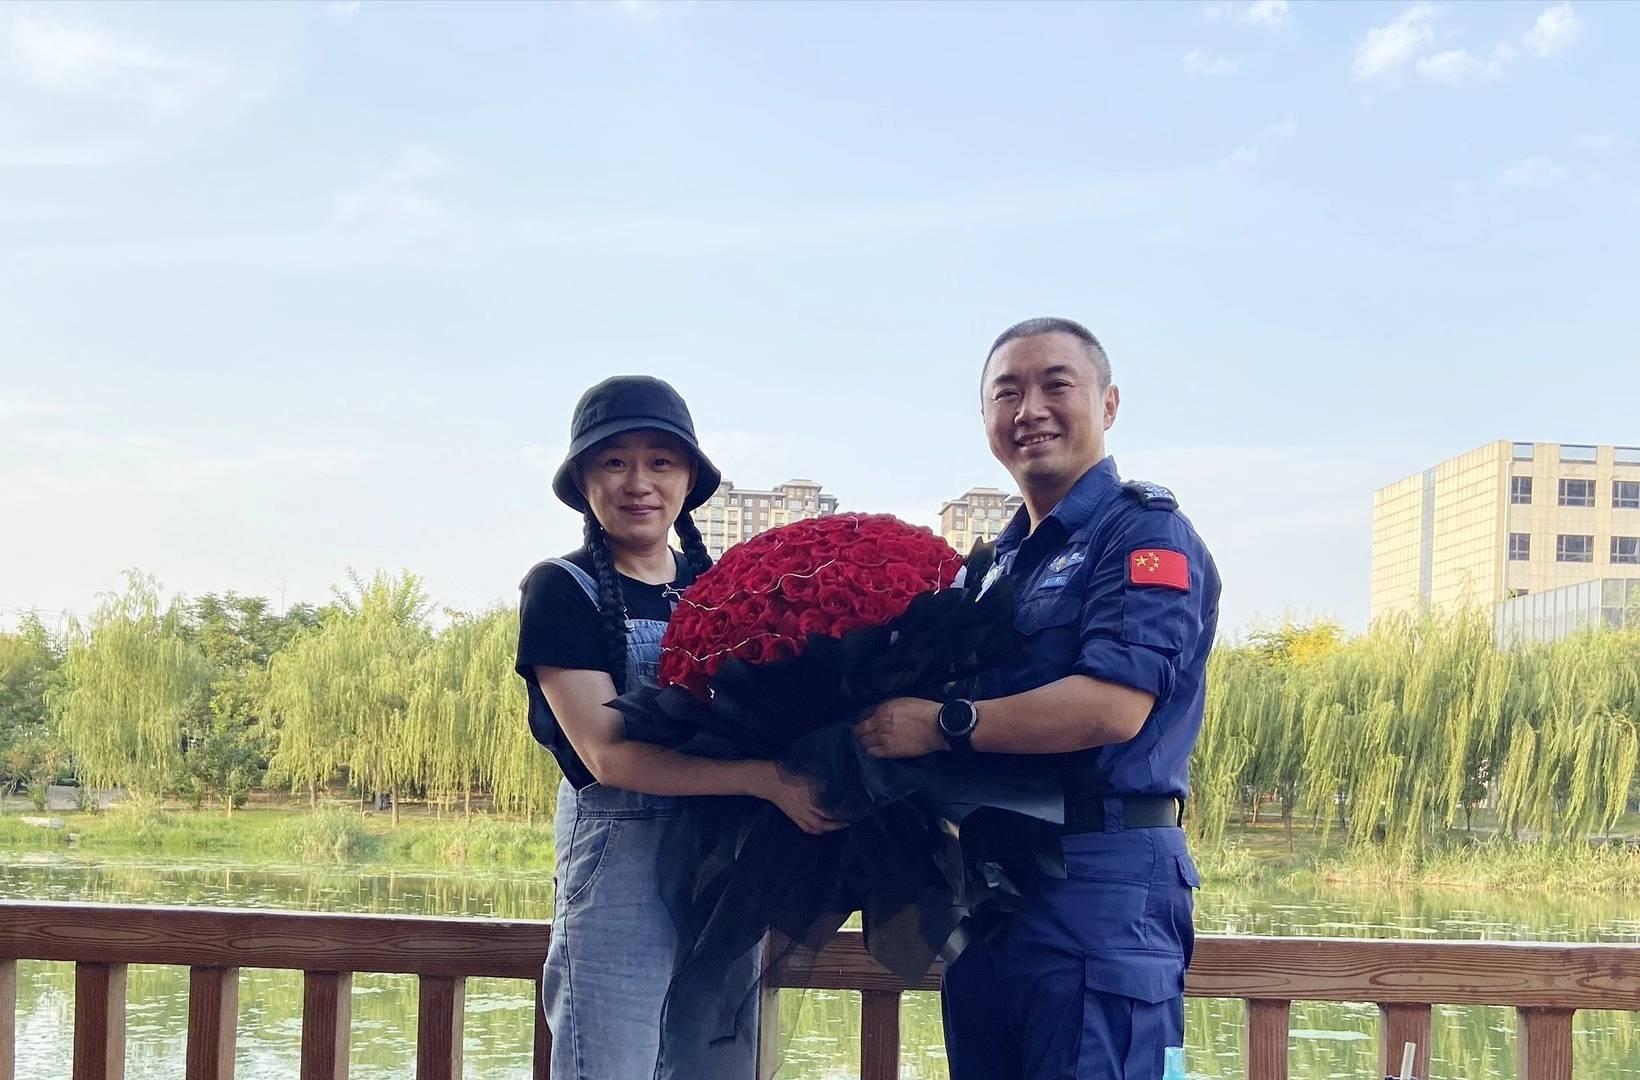 曙光救援队创办人:为救援事业卖两套房,妻子患癌却婉拒捐助